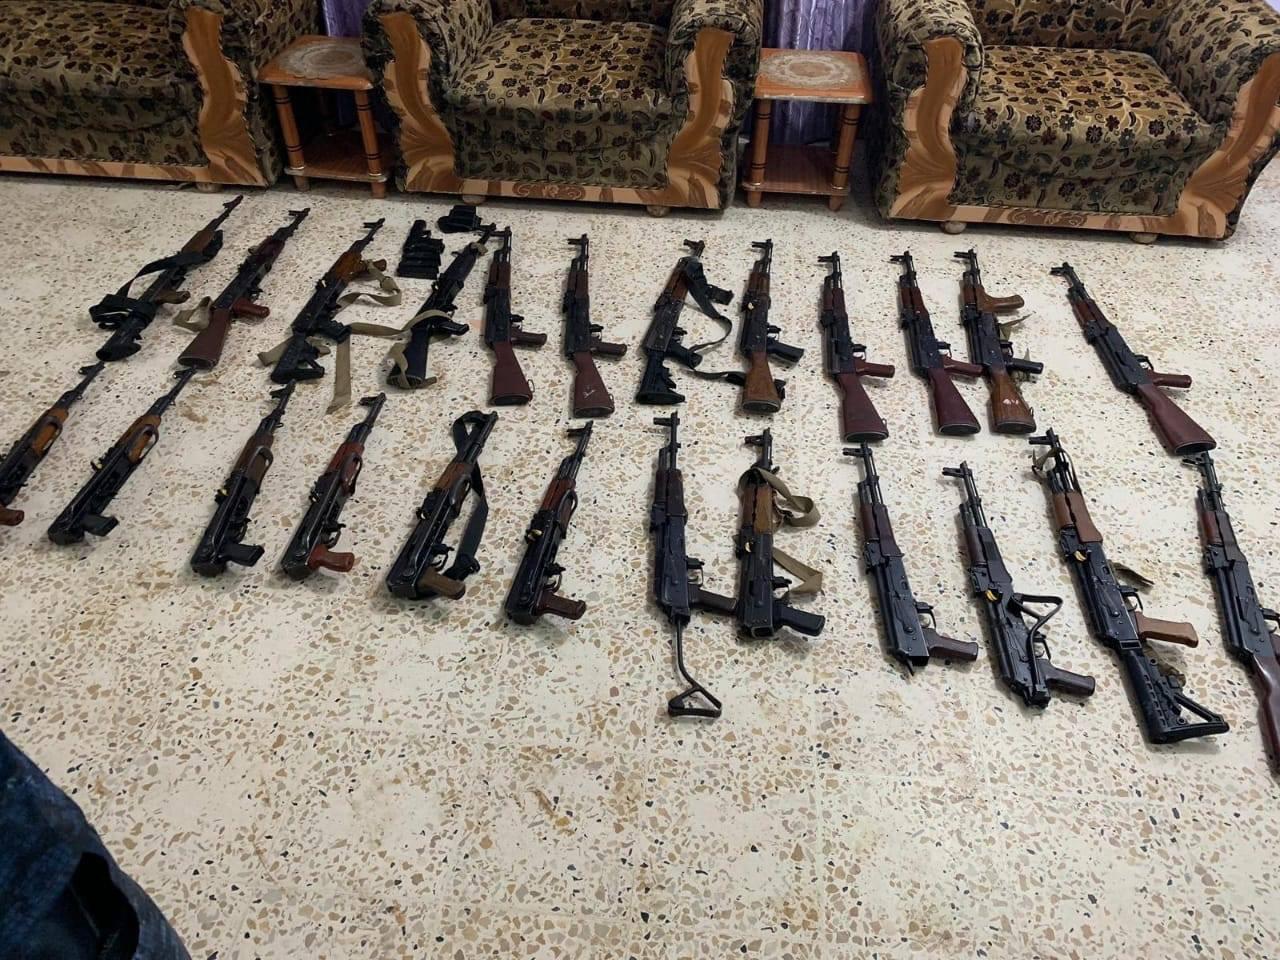 بالصور .. الشرطة الاتحادية تضبط كمية ضخمة من السلاح في كركوك